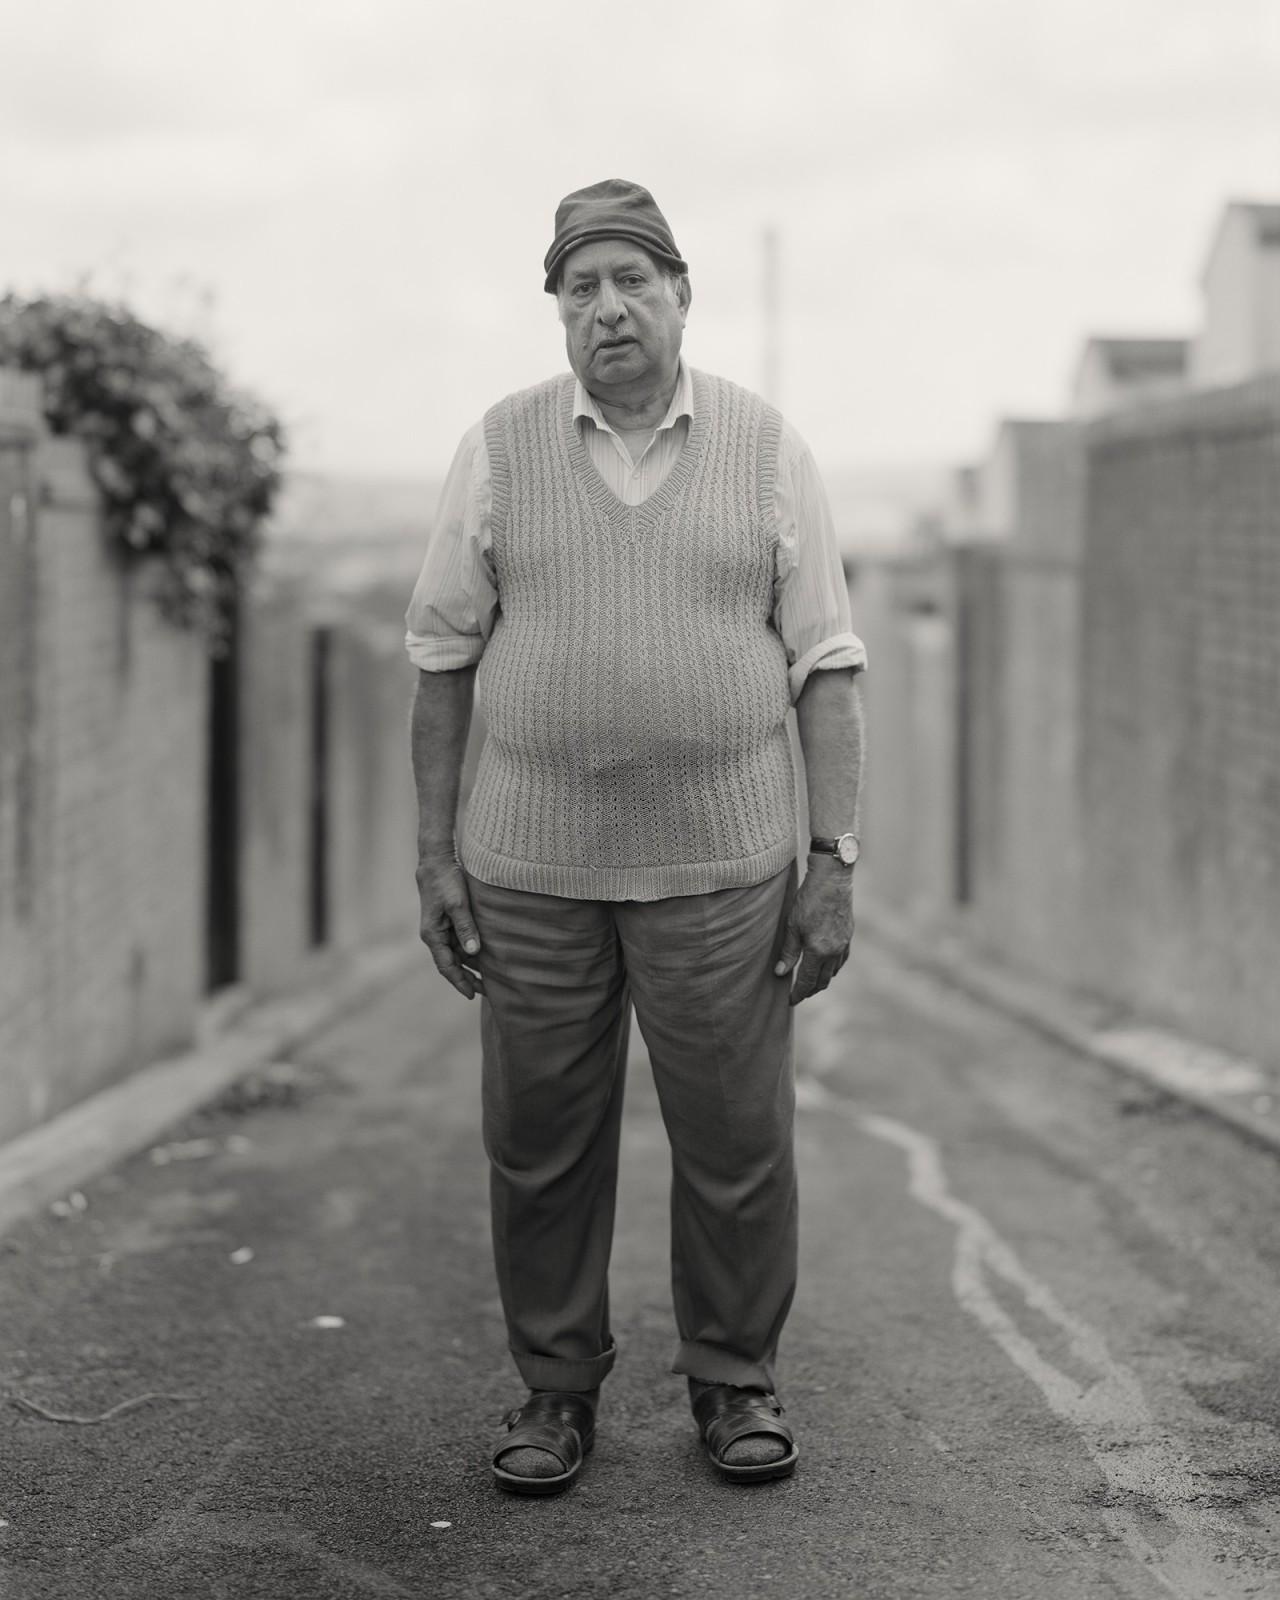 «Фотограф года 2021» и победитель в категории «Портрет», «Профессиональная» номинация, 2021. Автор Крейг Истон